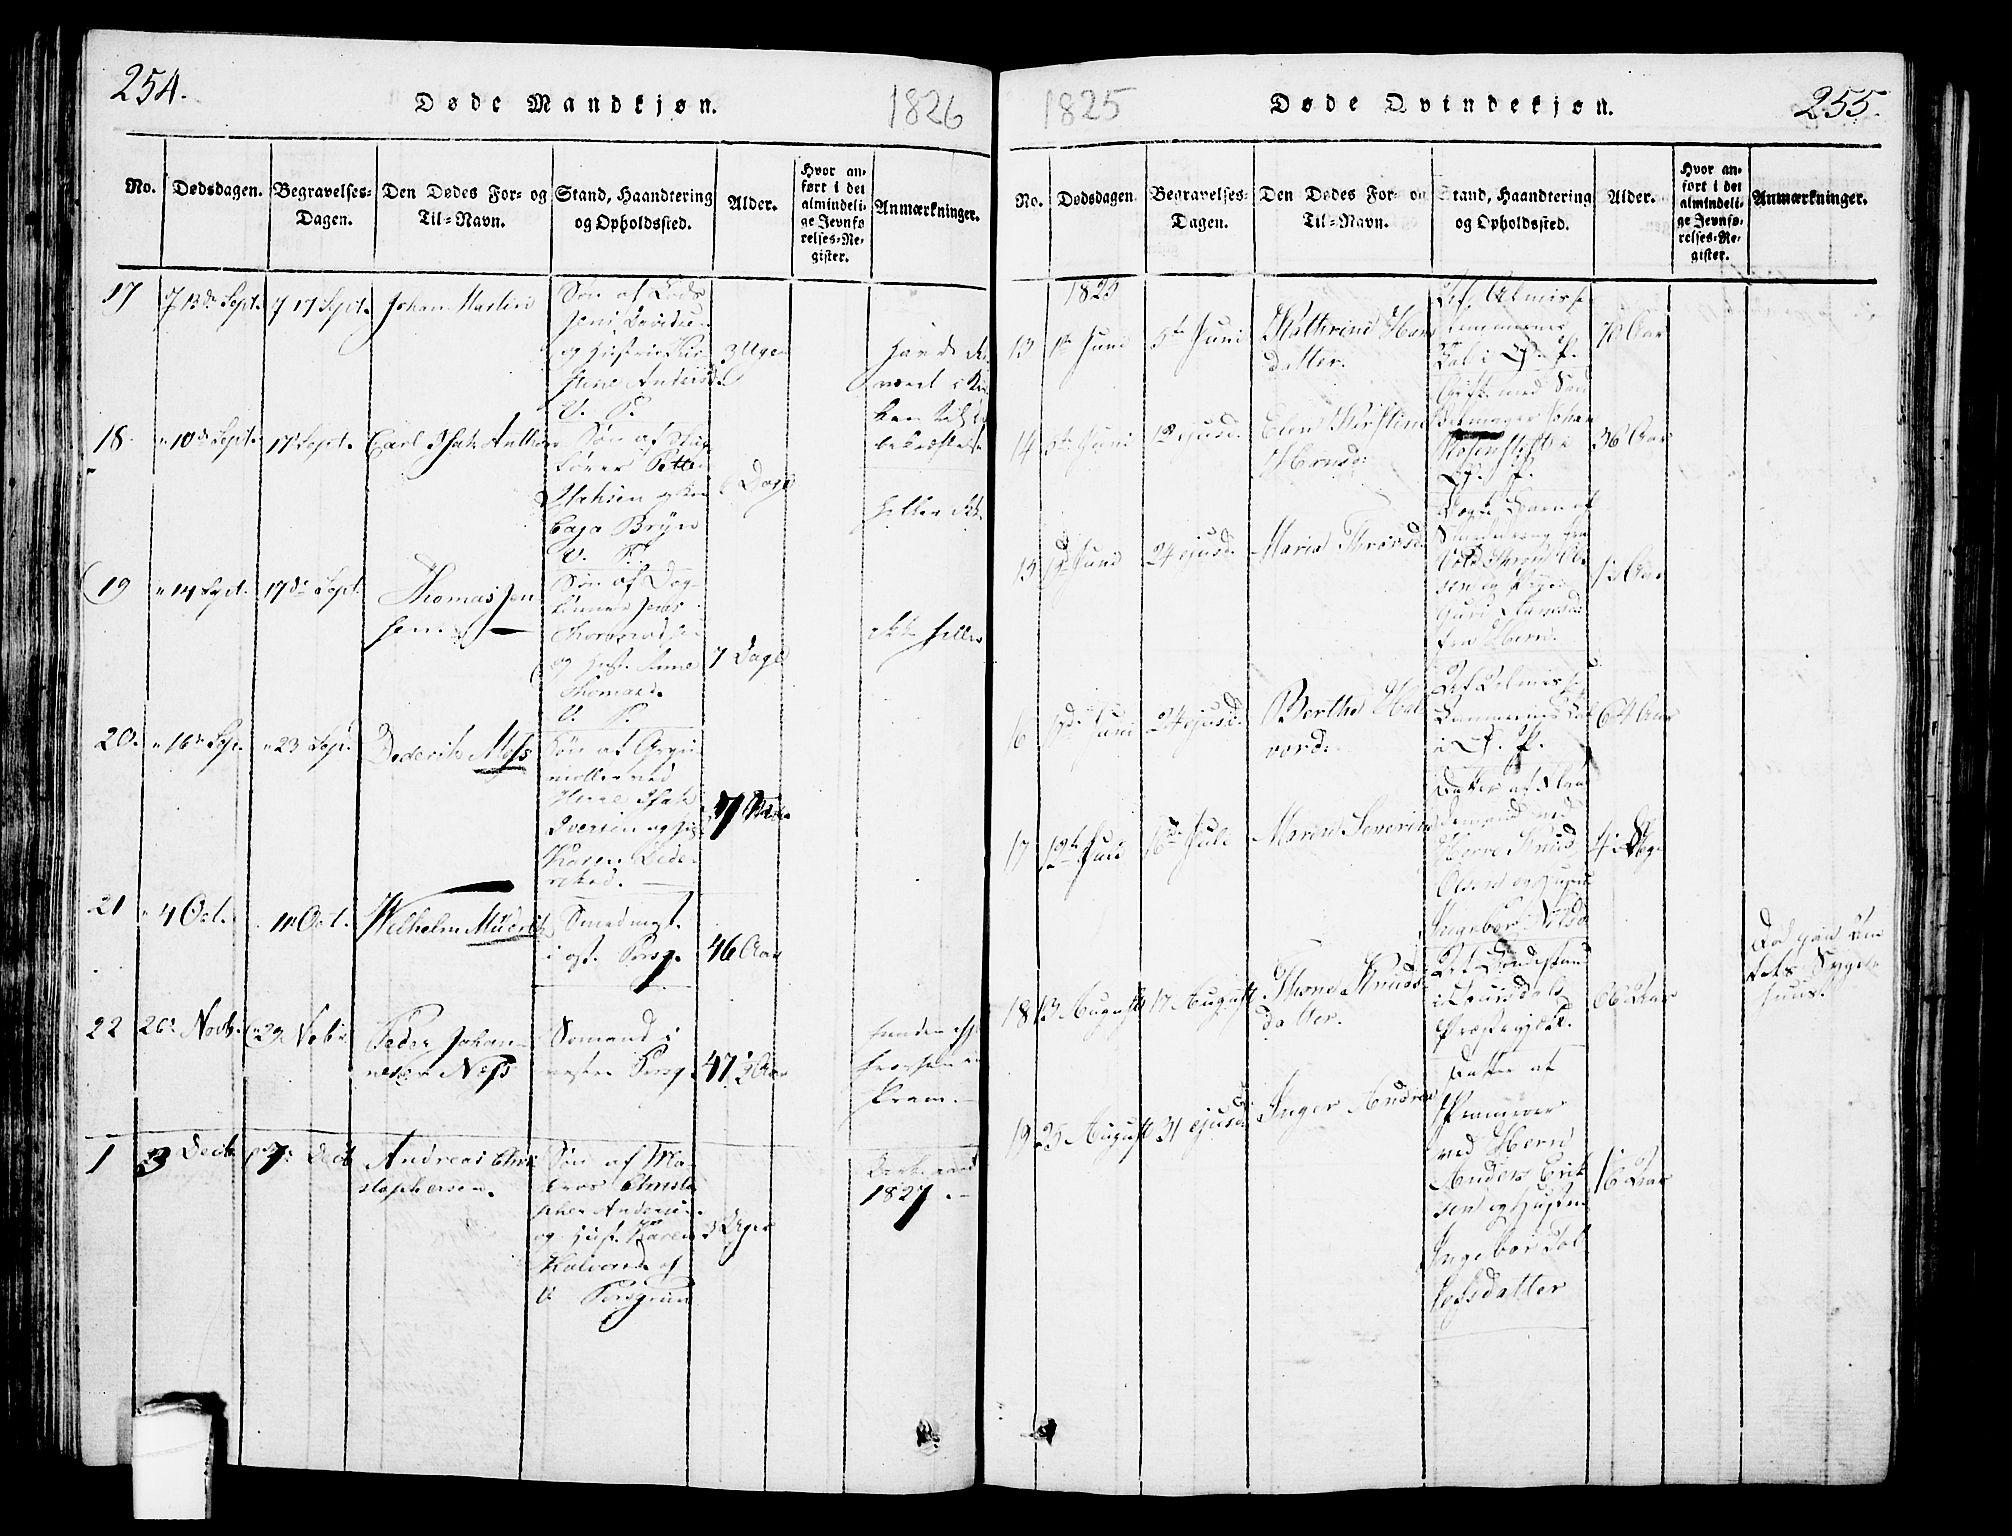 SAKO, Porsgrunn kirkebøker , G/Gb/L0001: Klokkerbok nr. II 1, 1817-1828, s. 254-255